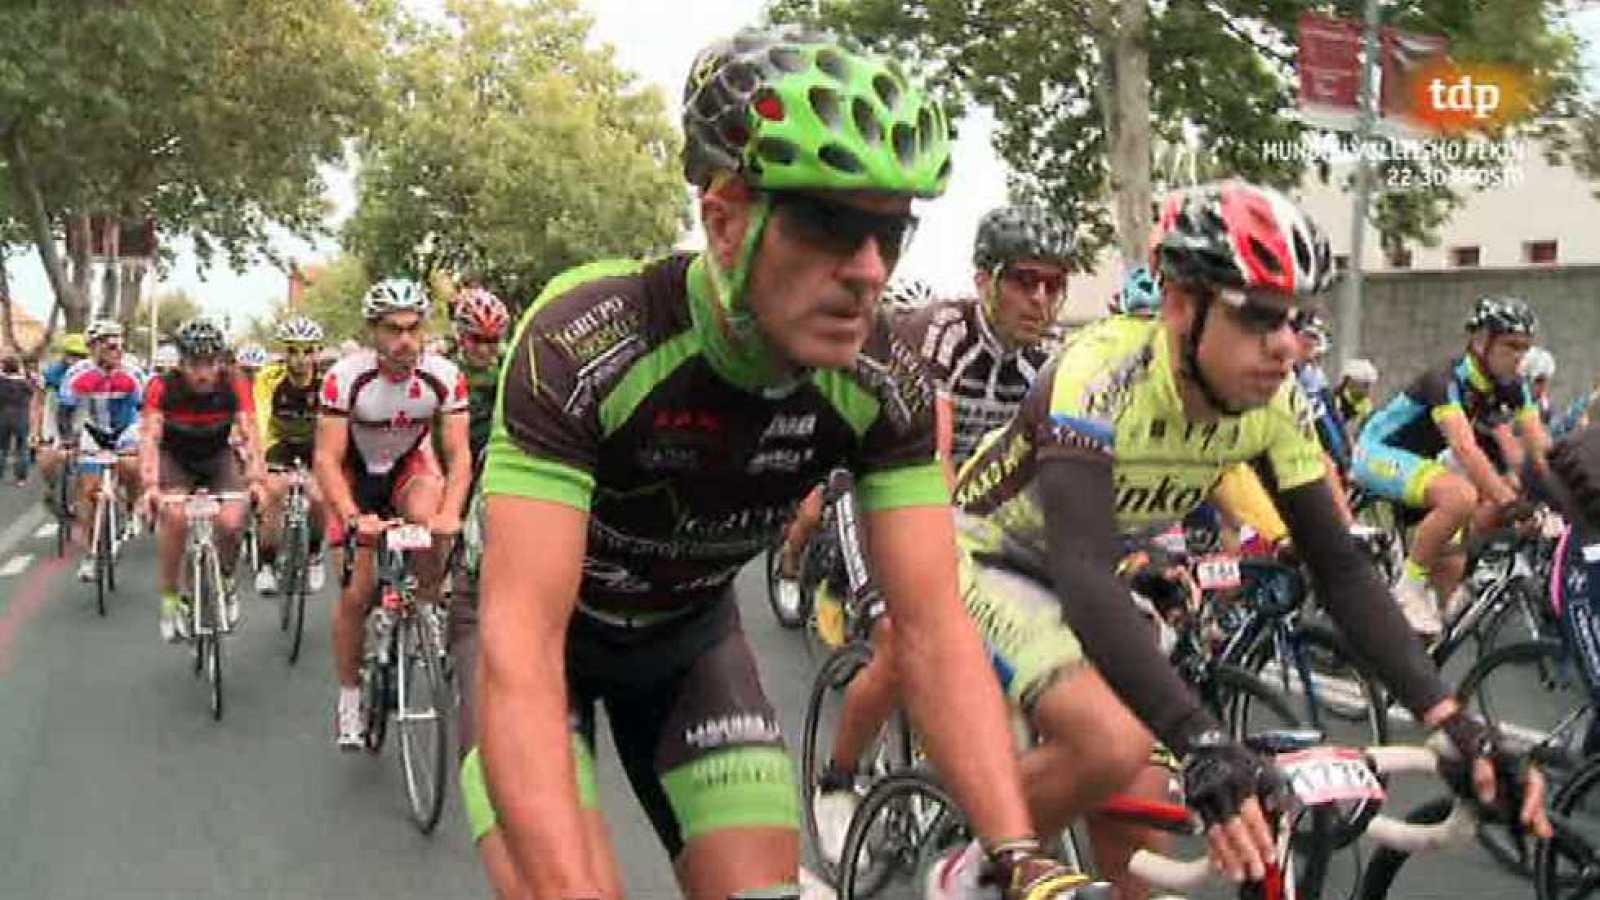 Ciclismo - XXII Marcha Cicloturista Pedro Delgado - VER AHORA